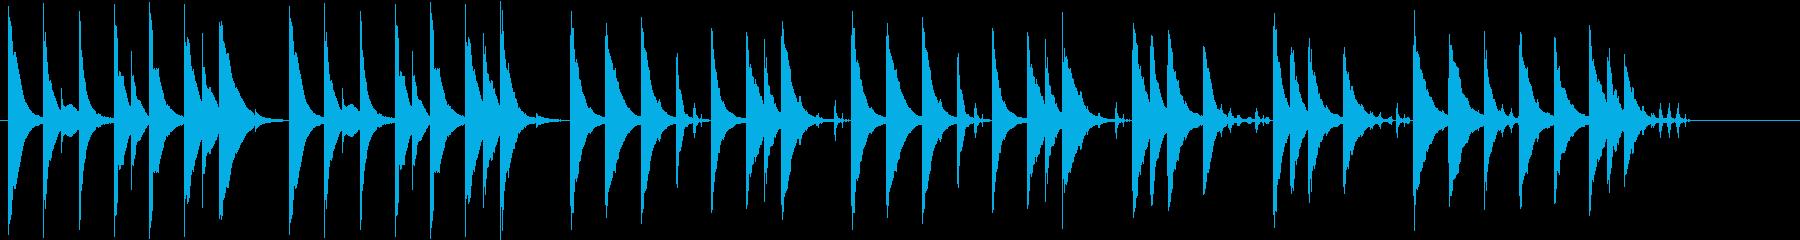 木琴がメインでほのぼのとした短めの曲の再生済みの波形